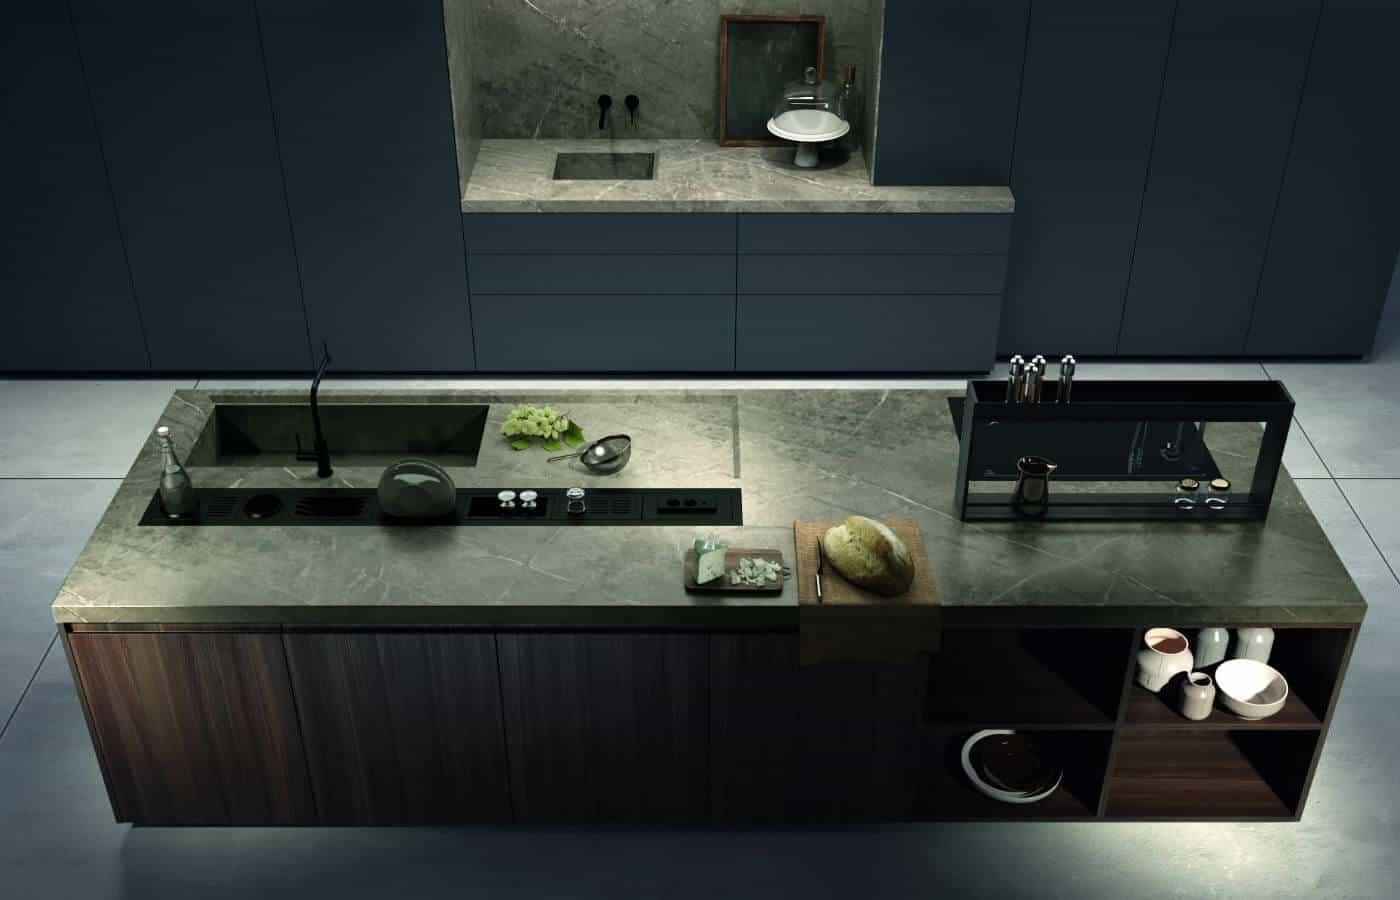 cucina-top-marmo-vani-porta-spezie-piano-cottura-induzione-collezione-cesare-il-mobile